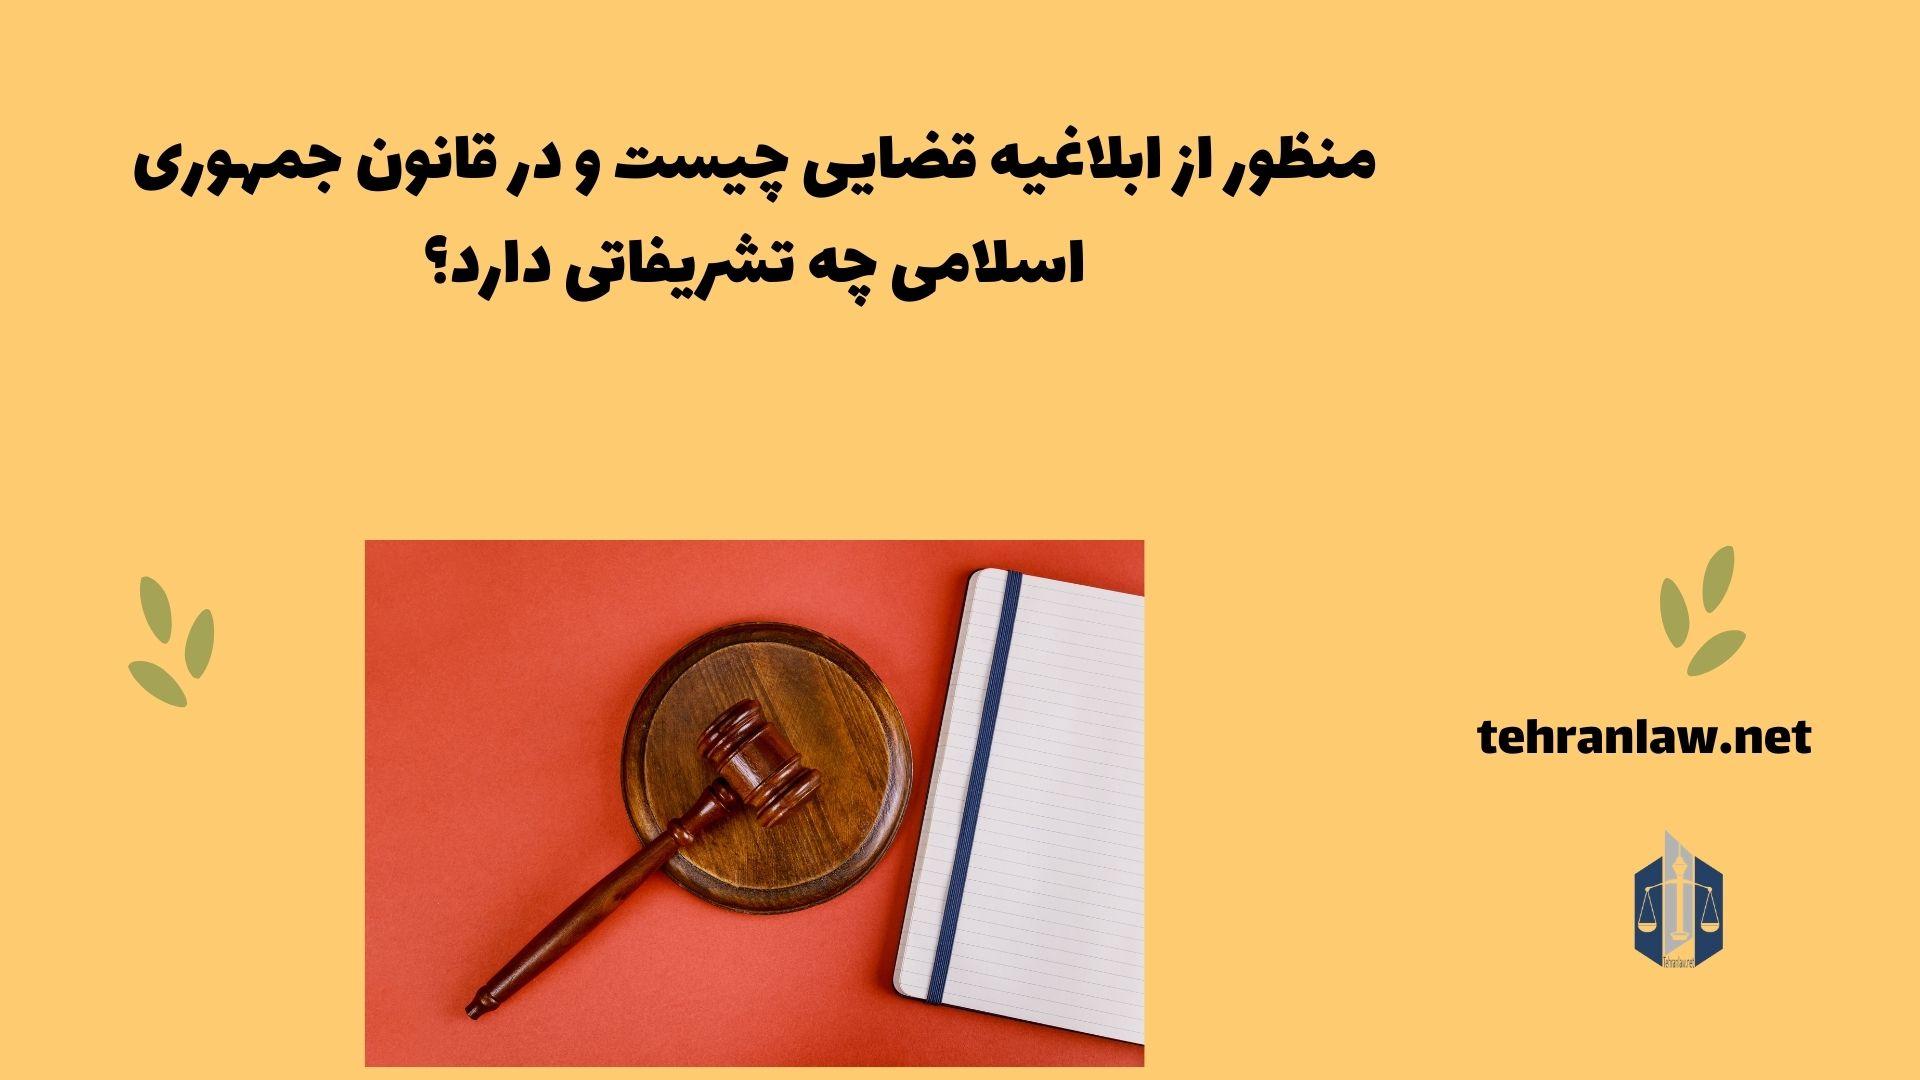 منظور از ابلاغیه قضایی چیست و در قانون جمهوری اسلامی چه تشریفاتی دارد؟